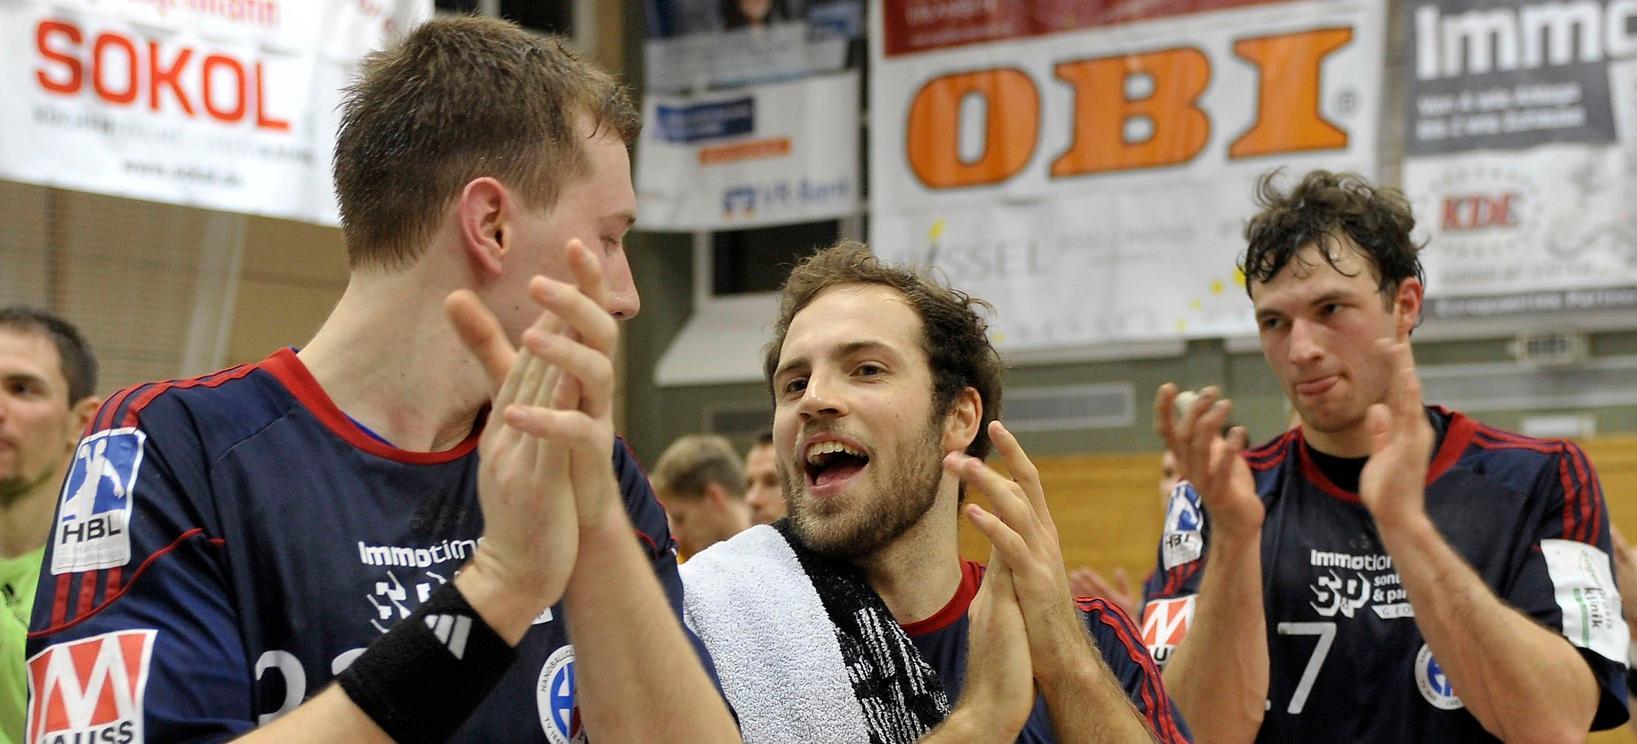 Zwölf Tore auf einem Bild: Insbesondere Nikolai Link (links) und Moritz Weltgen (Mitte) zeigten sich gegen Bietigheim treffsicher. Auch Oliver Hess netzte einmal ein.